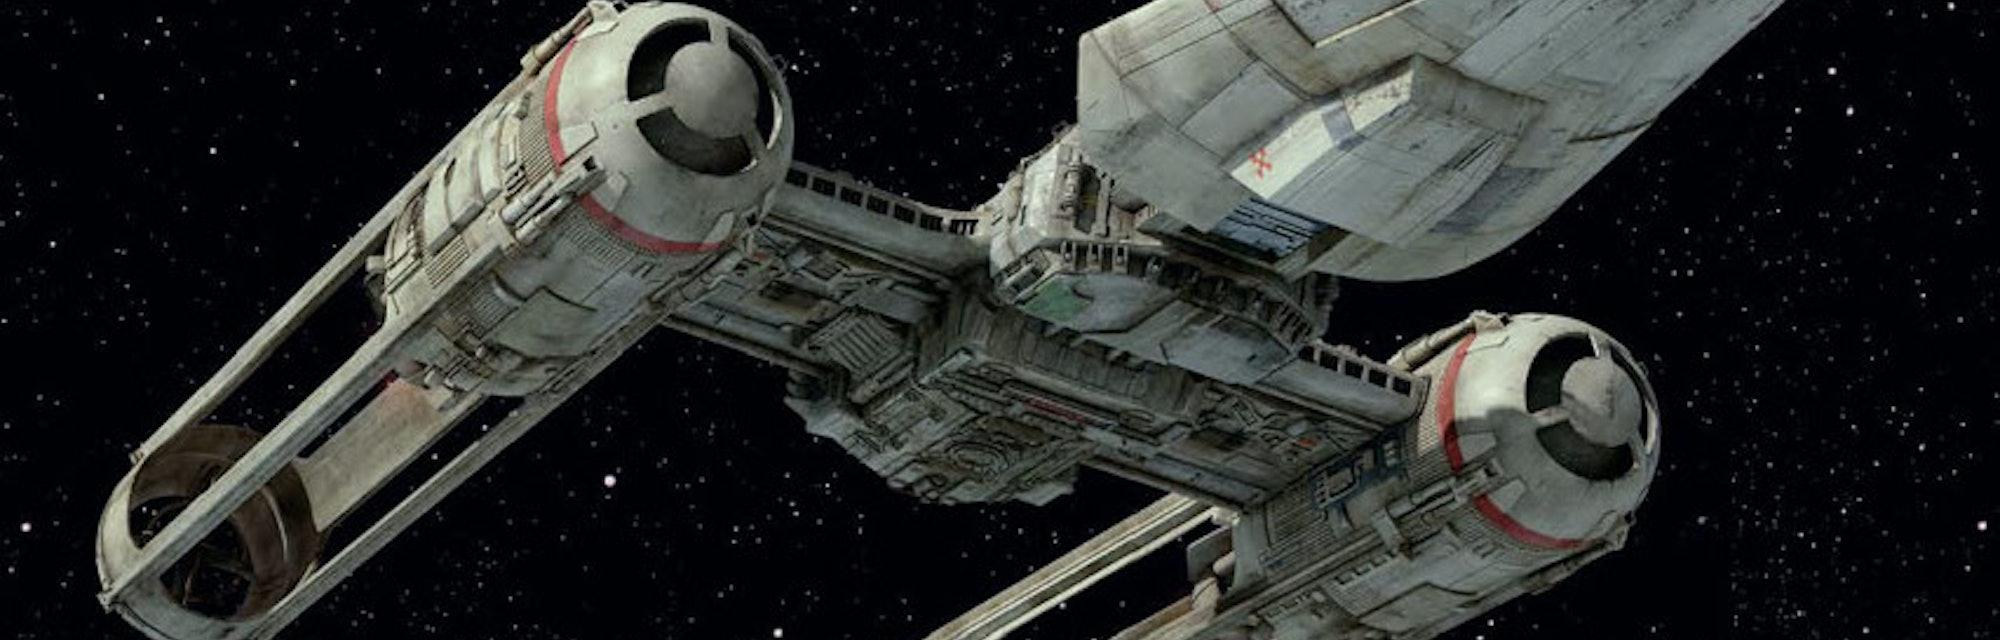 Star Wars 9 Leaks Time Travel Rumors Debunked By New Y Wing Details